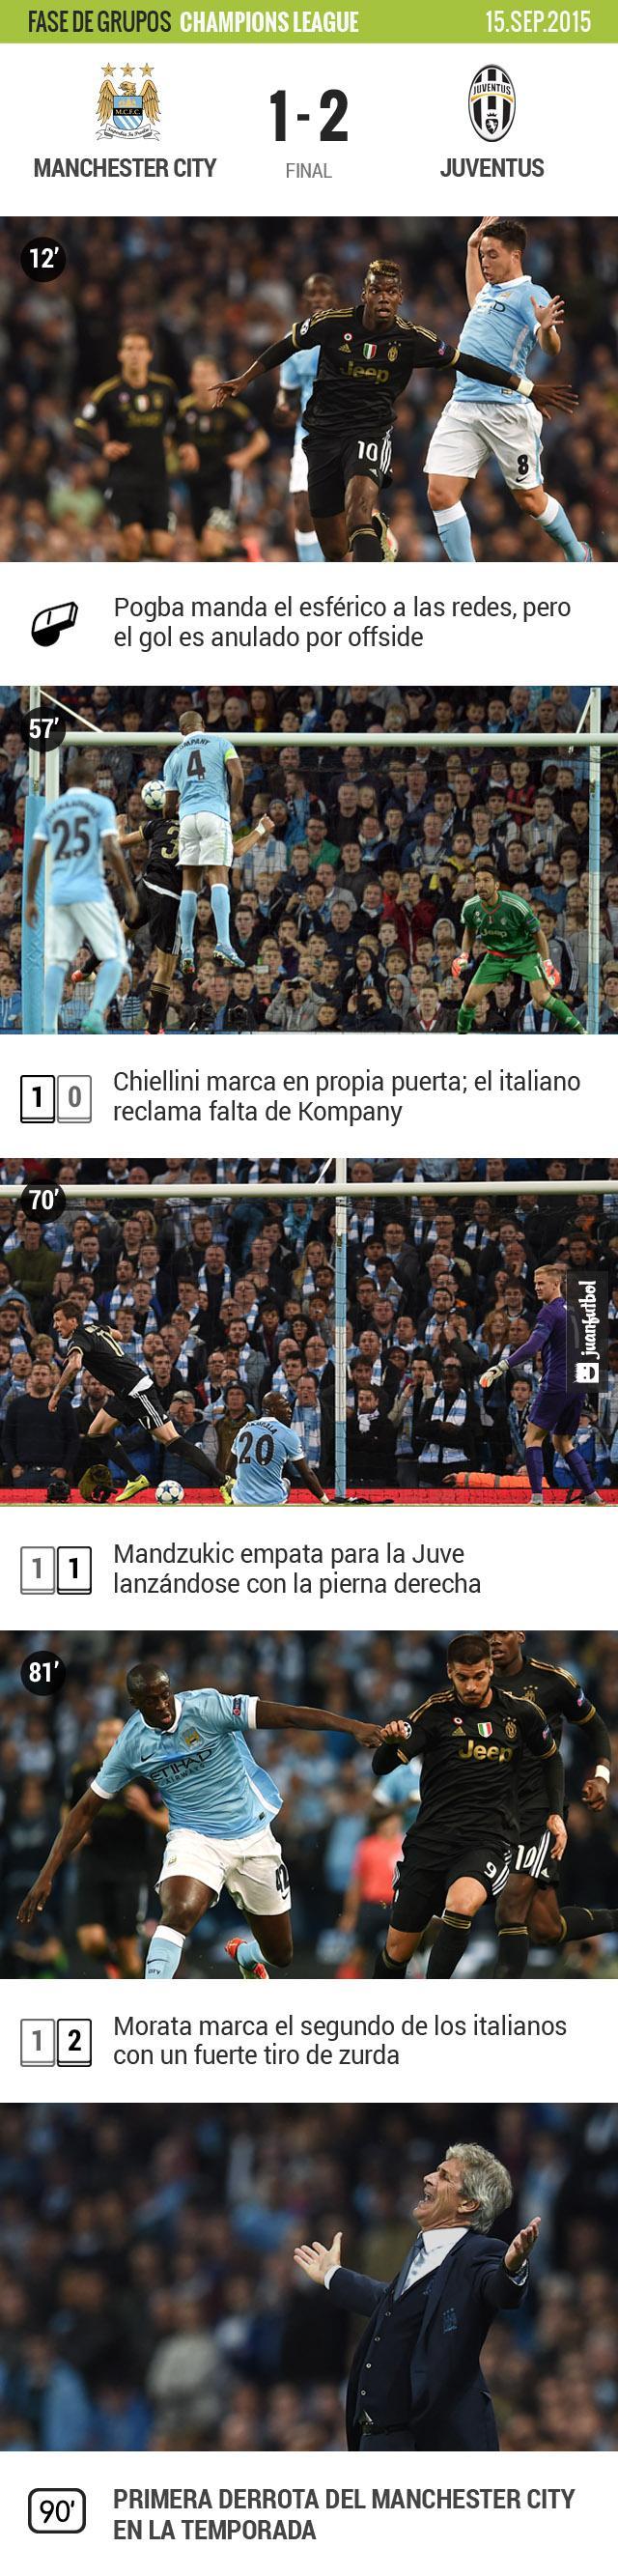 Manchester City se vio sorprendido en casa